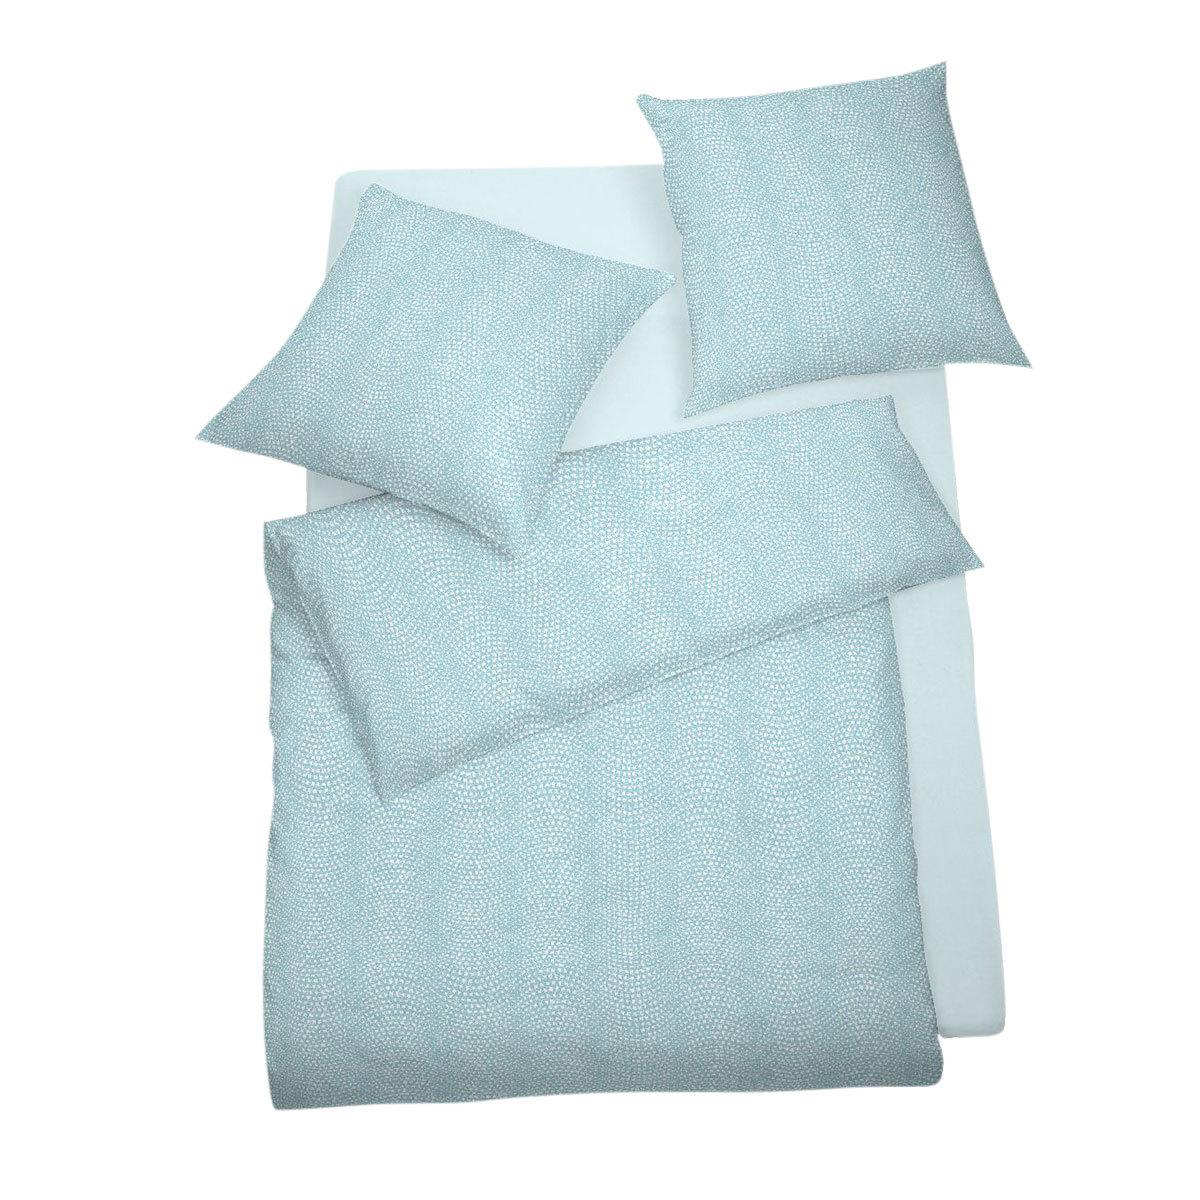 schlafgut mako satin bettw sche harmony lagune g nstig online kaufen bei bettwaren shop. Black Bedroom Furniture Sets. Home Design Ideas